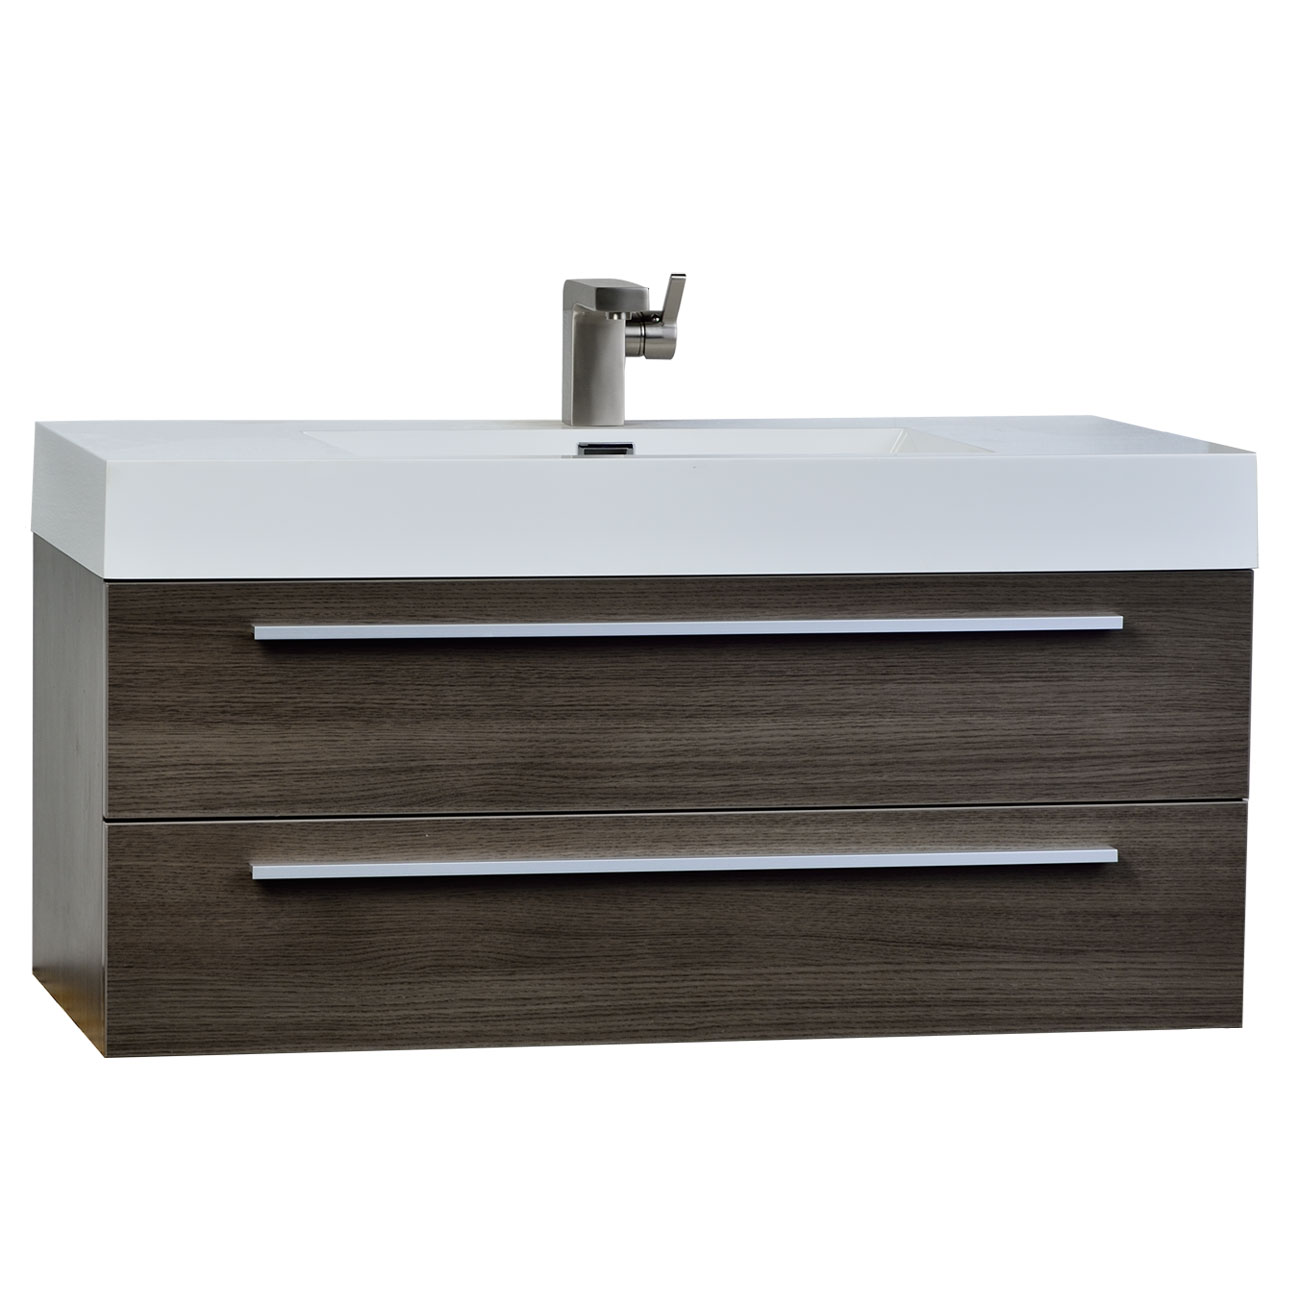 39 25 Inch Wall Mount Contemporary Bathroom Vanity Grey Oak TN T1000 GO